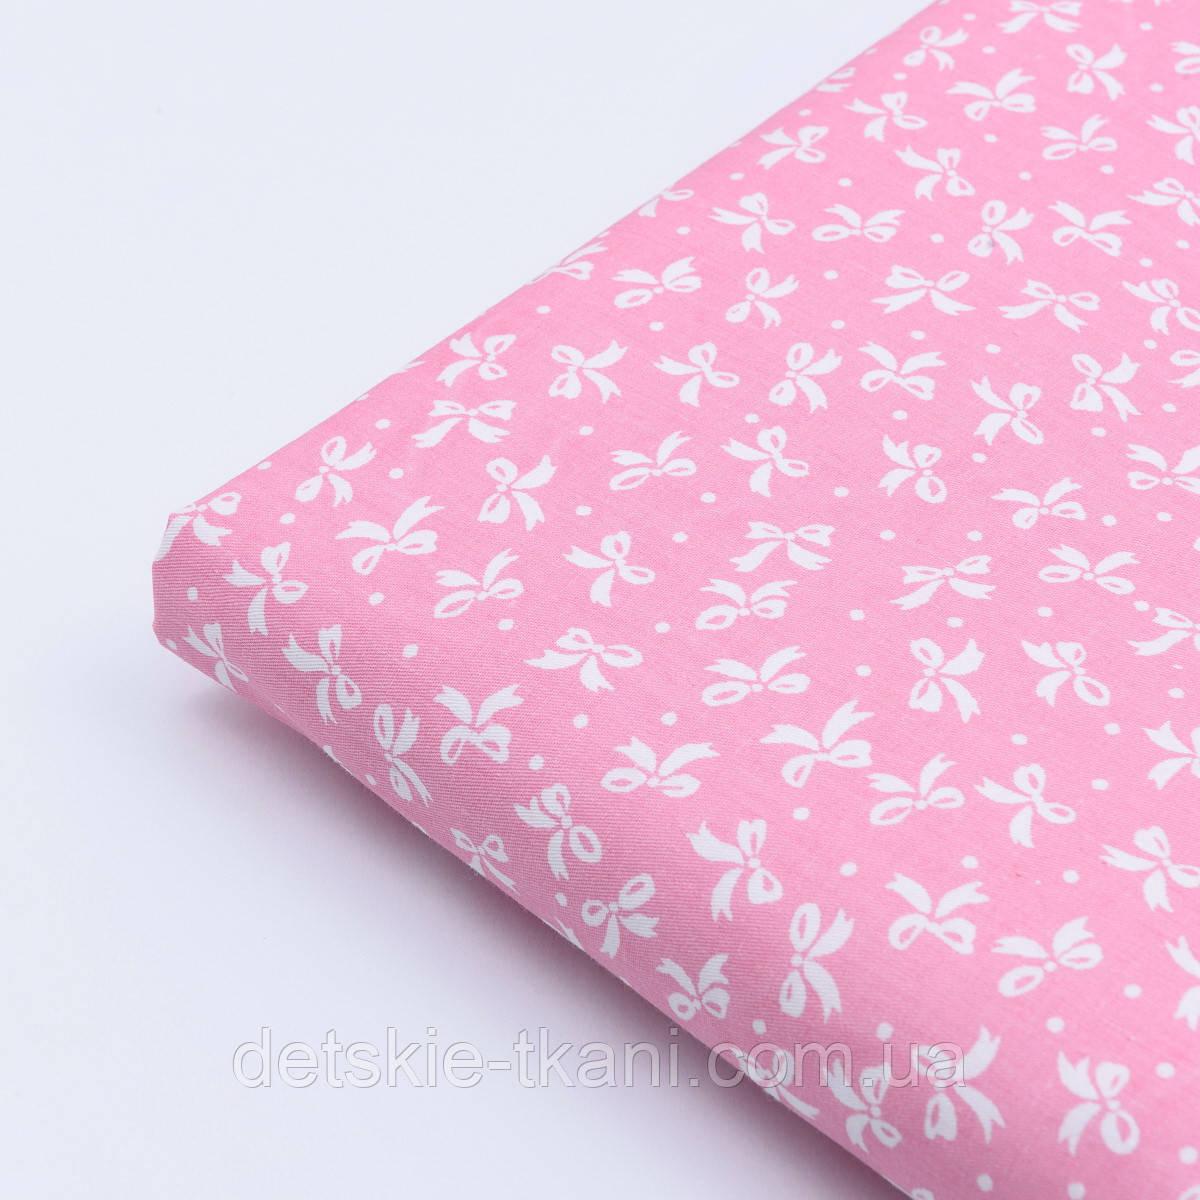 """Відріз сатину """"Густі бантики і точки"""" білі на рожевому, розмір 60 * 160 см"""